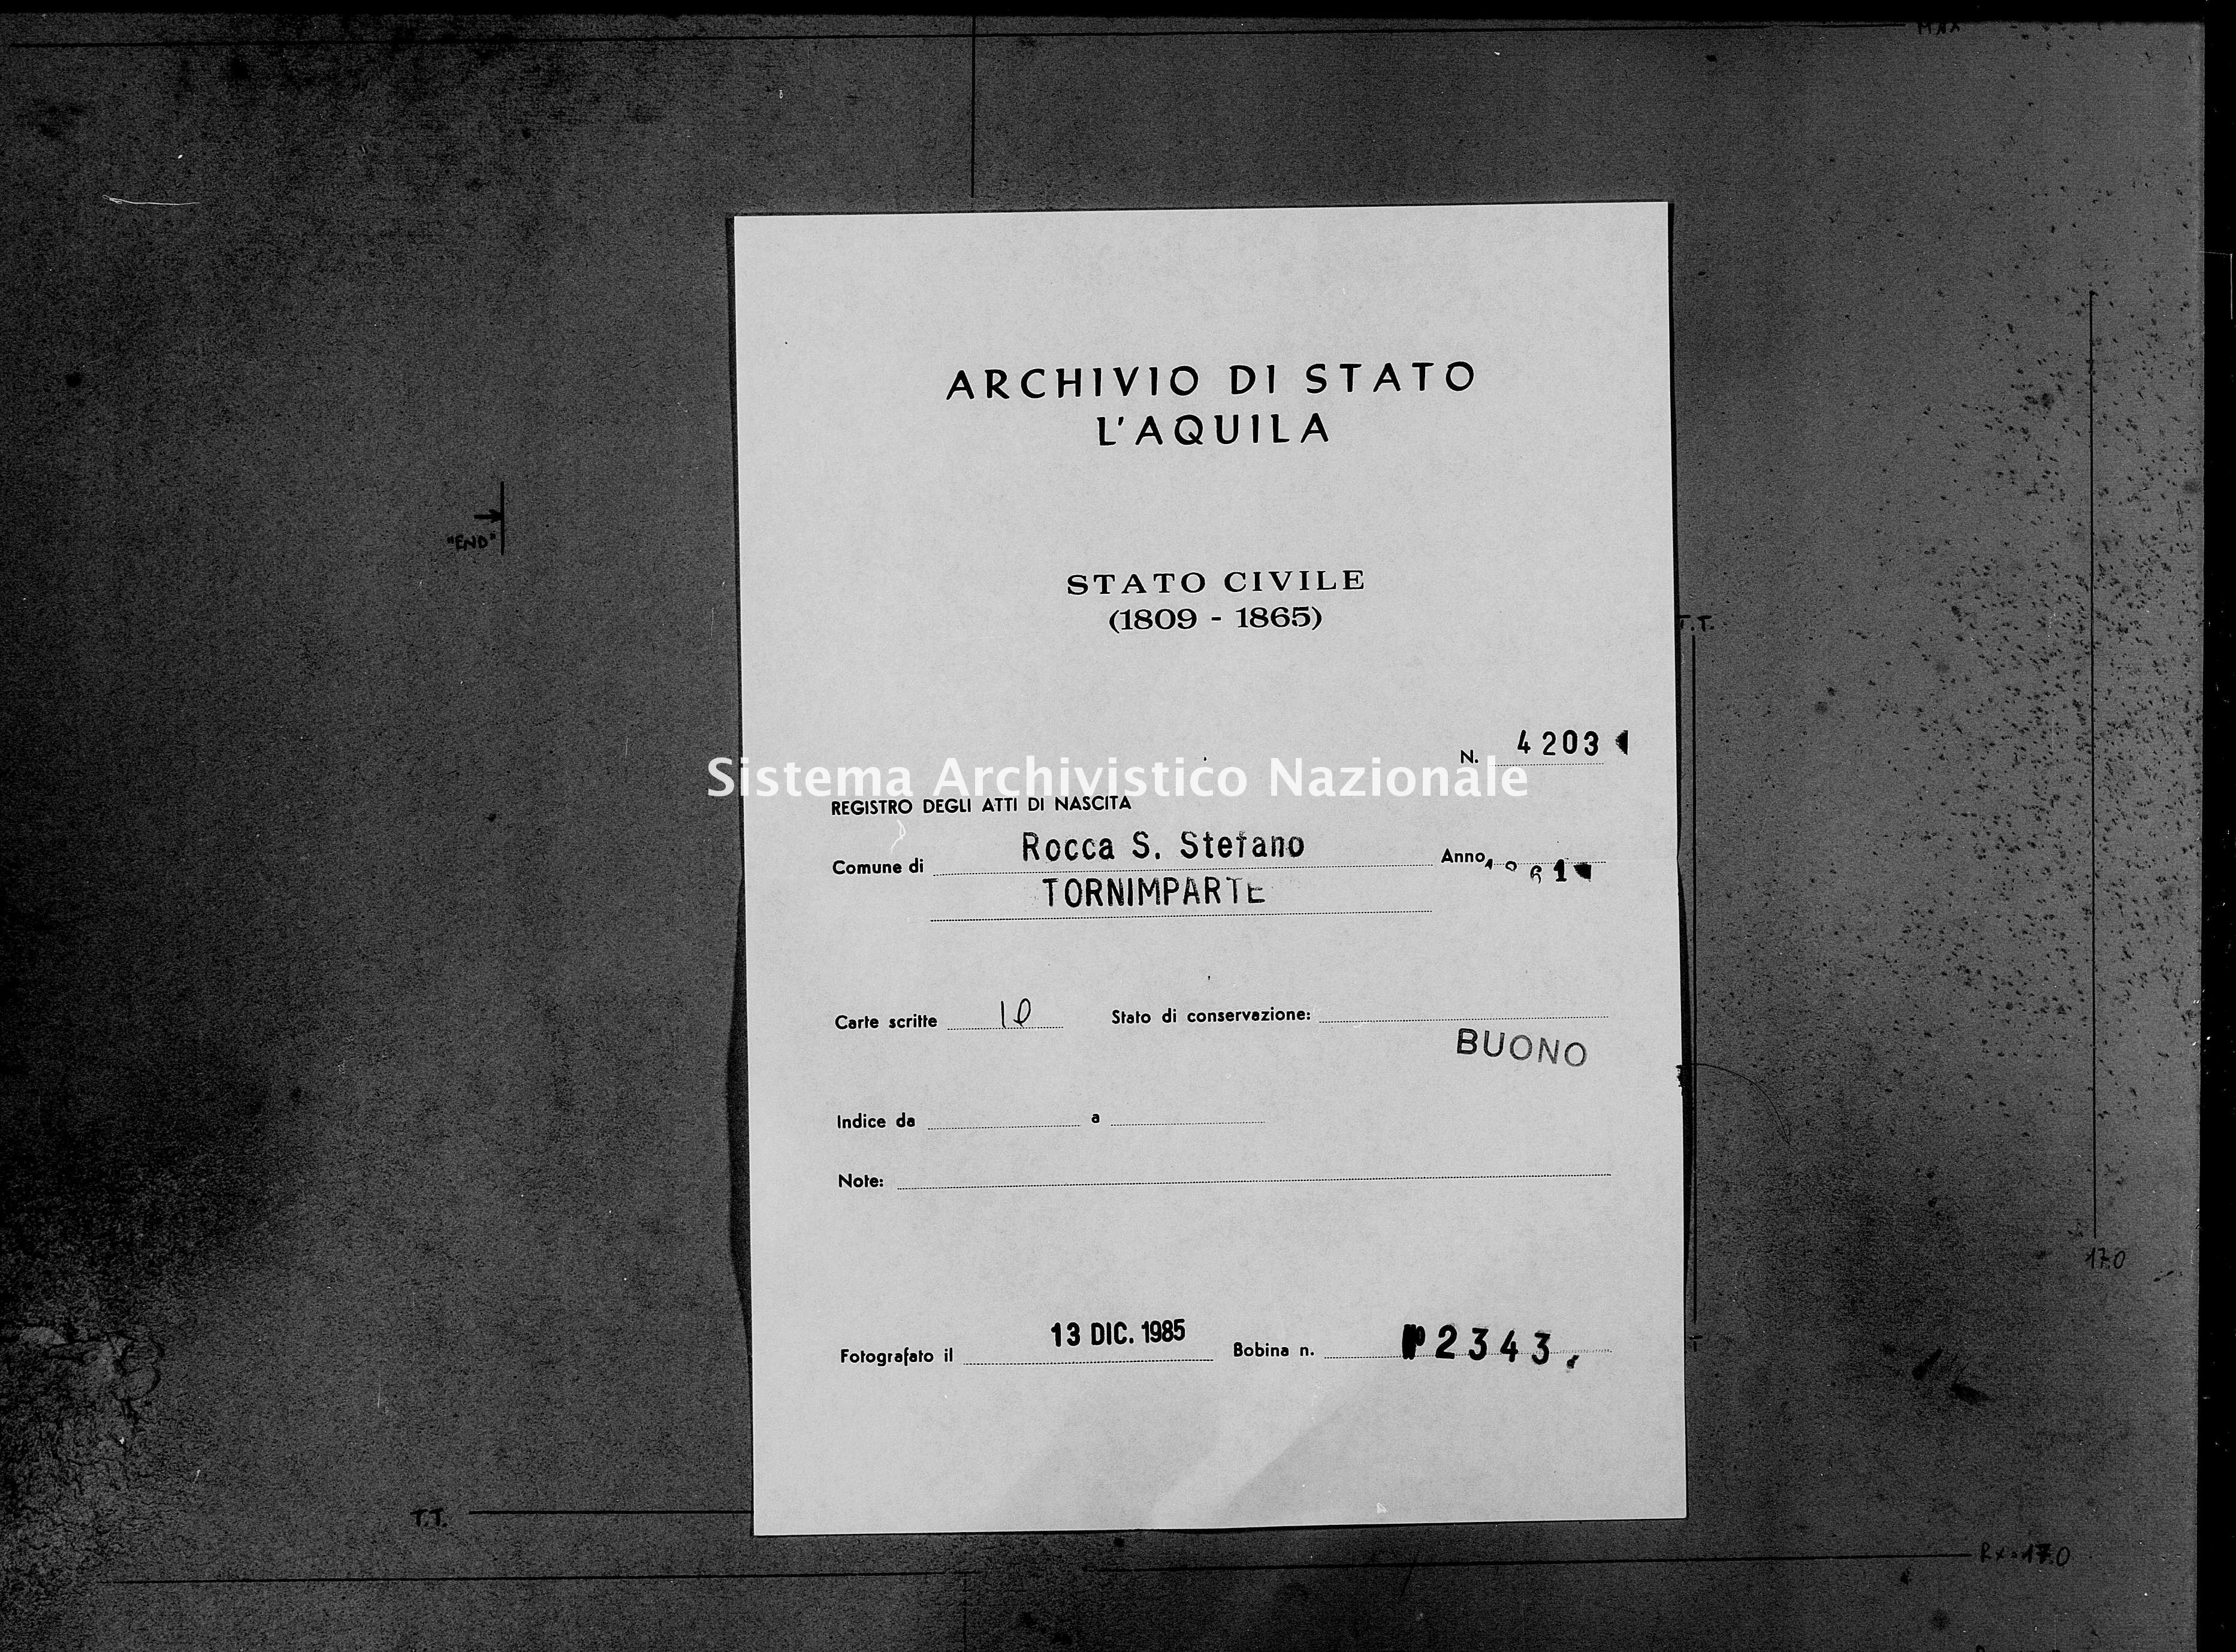 Archivio di stato di L'aquila - Stato civile italiano - Rocca Santo Stefano - Nati - 1861 - 4203 -